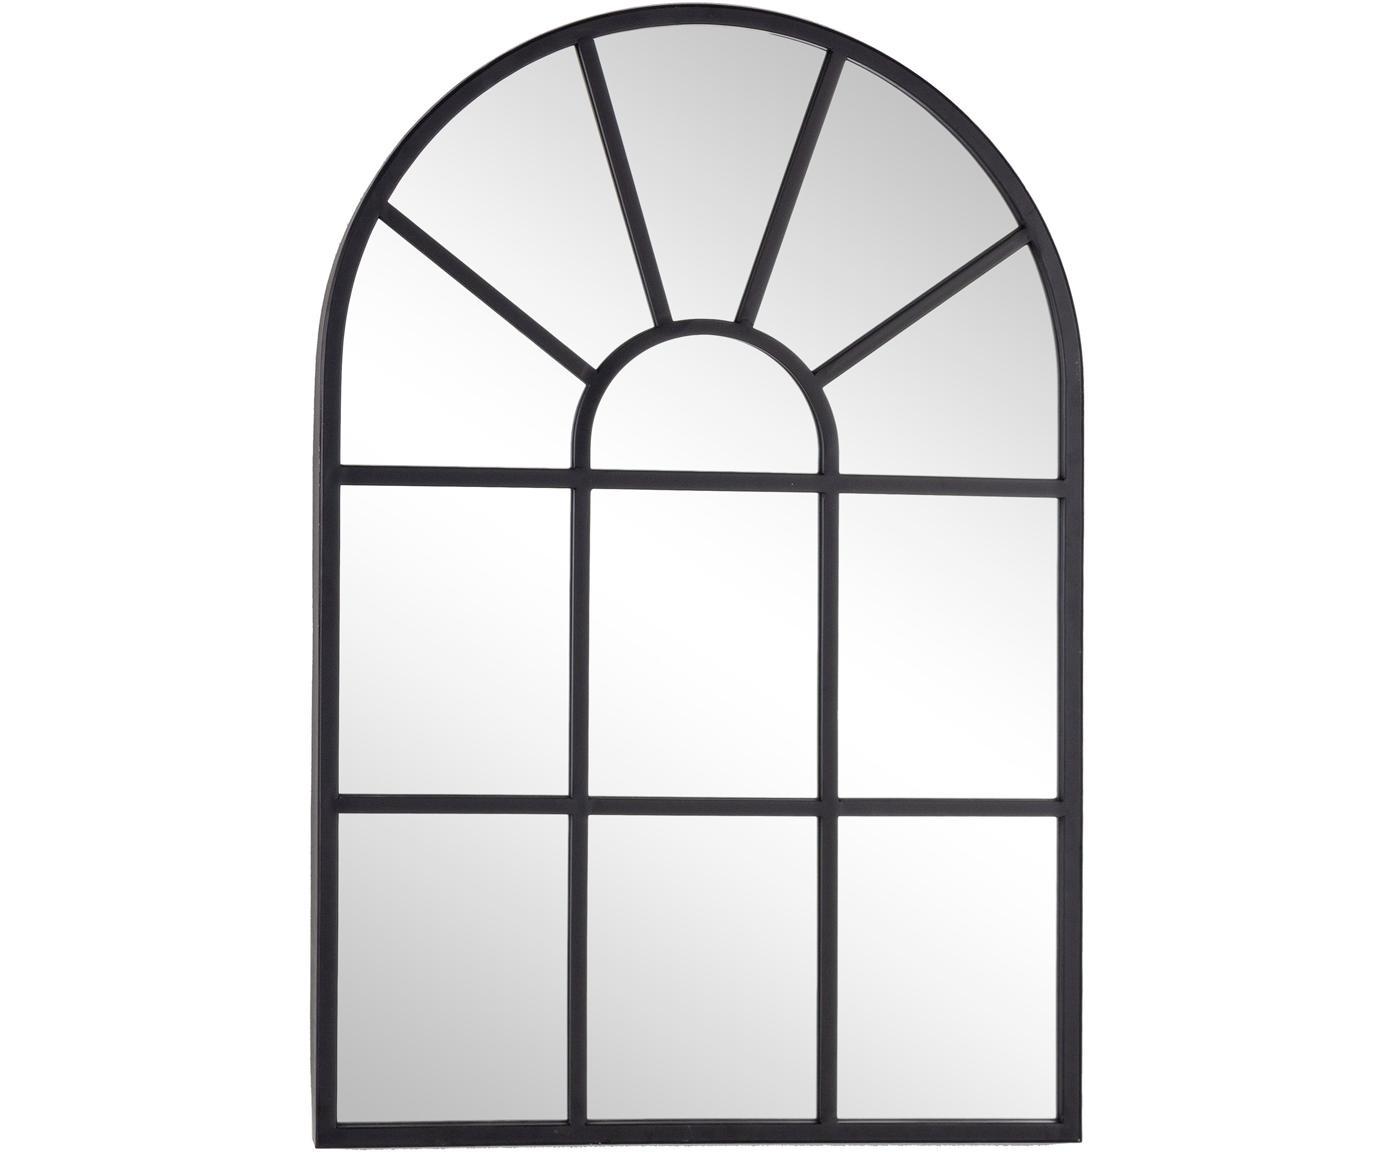 Wandspiegel Reflix met zwarte metalen lijst, Lijst: gecoat metaal, Zwart, 58 x 87 cm